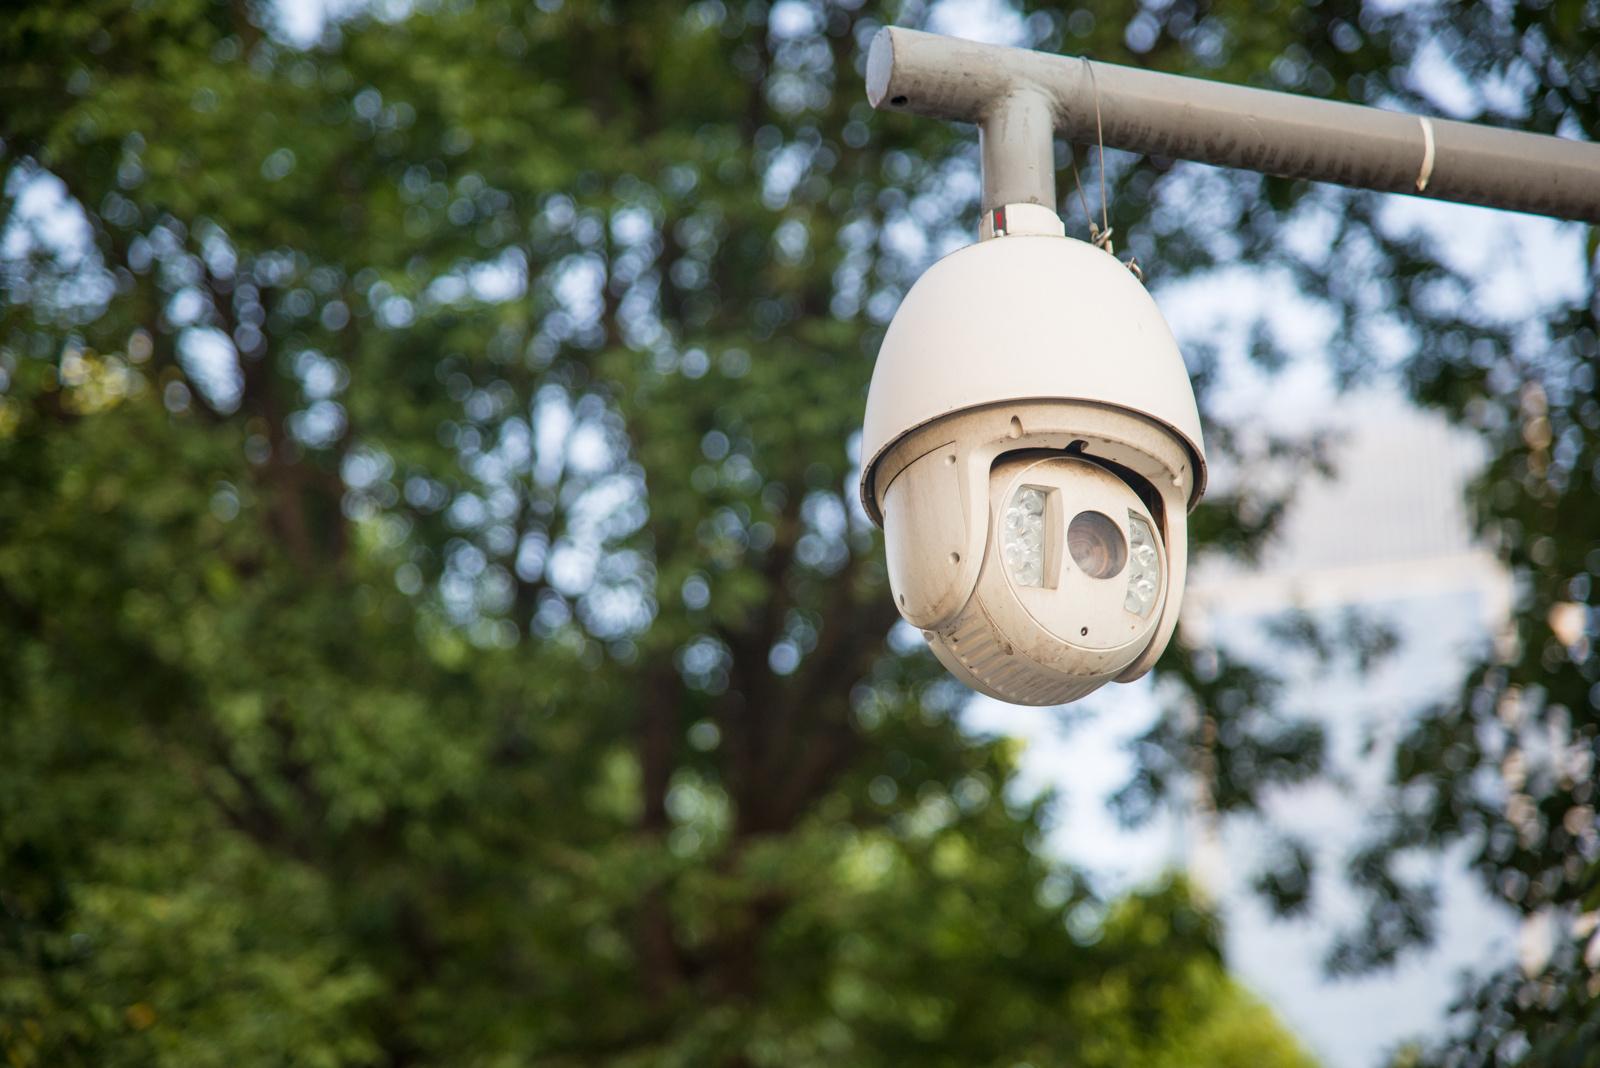 Vilniaus senamiestyje įsigaliojus naujai eismo organizavimo tvarkai, pažeidėjus fiksuos specialios kameros